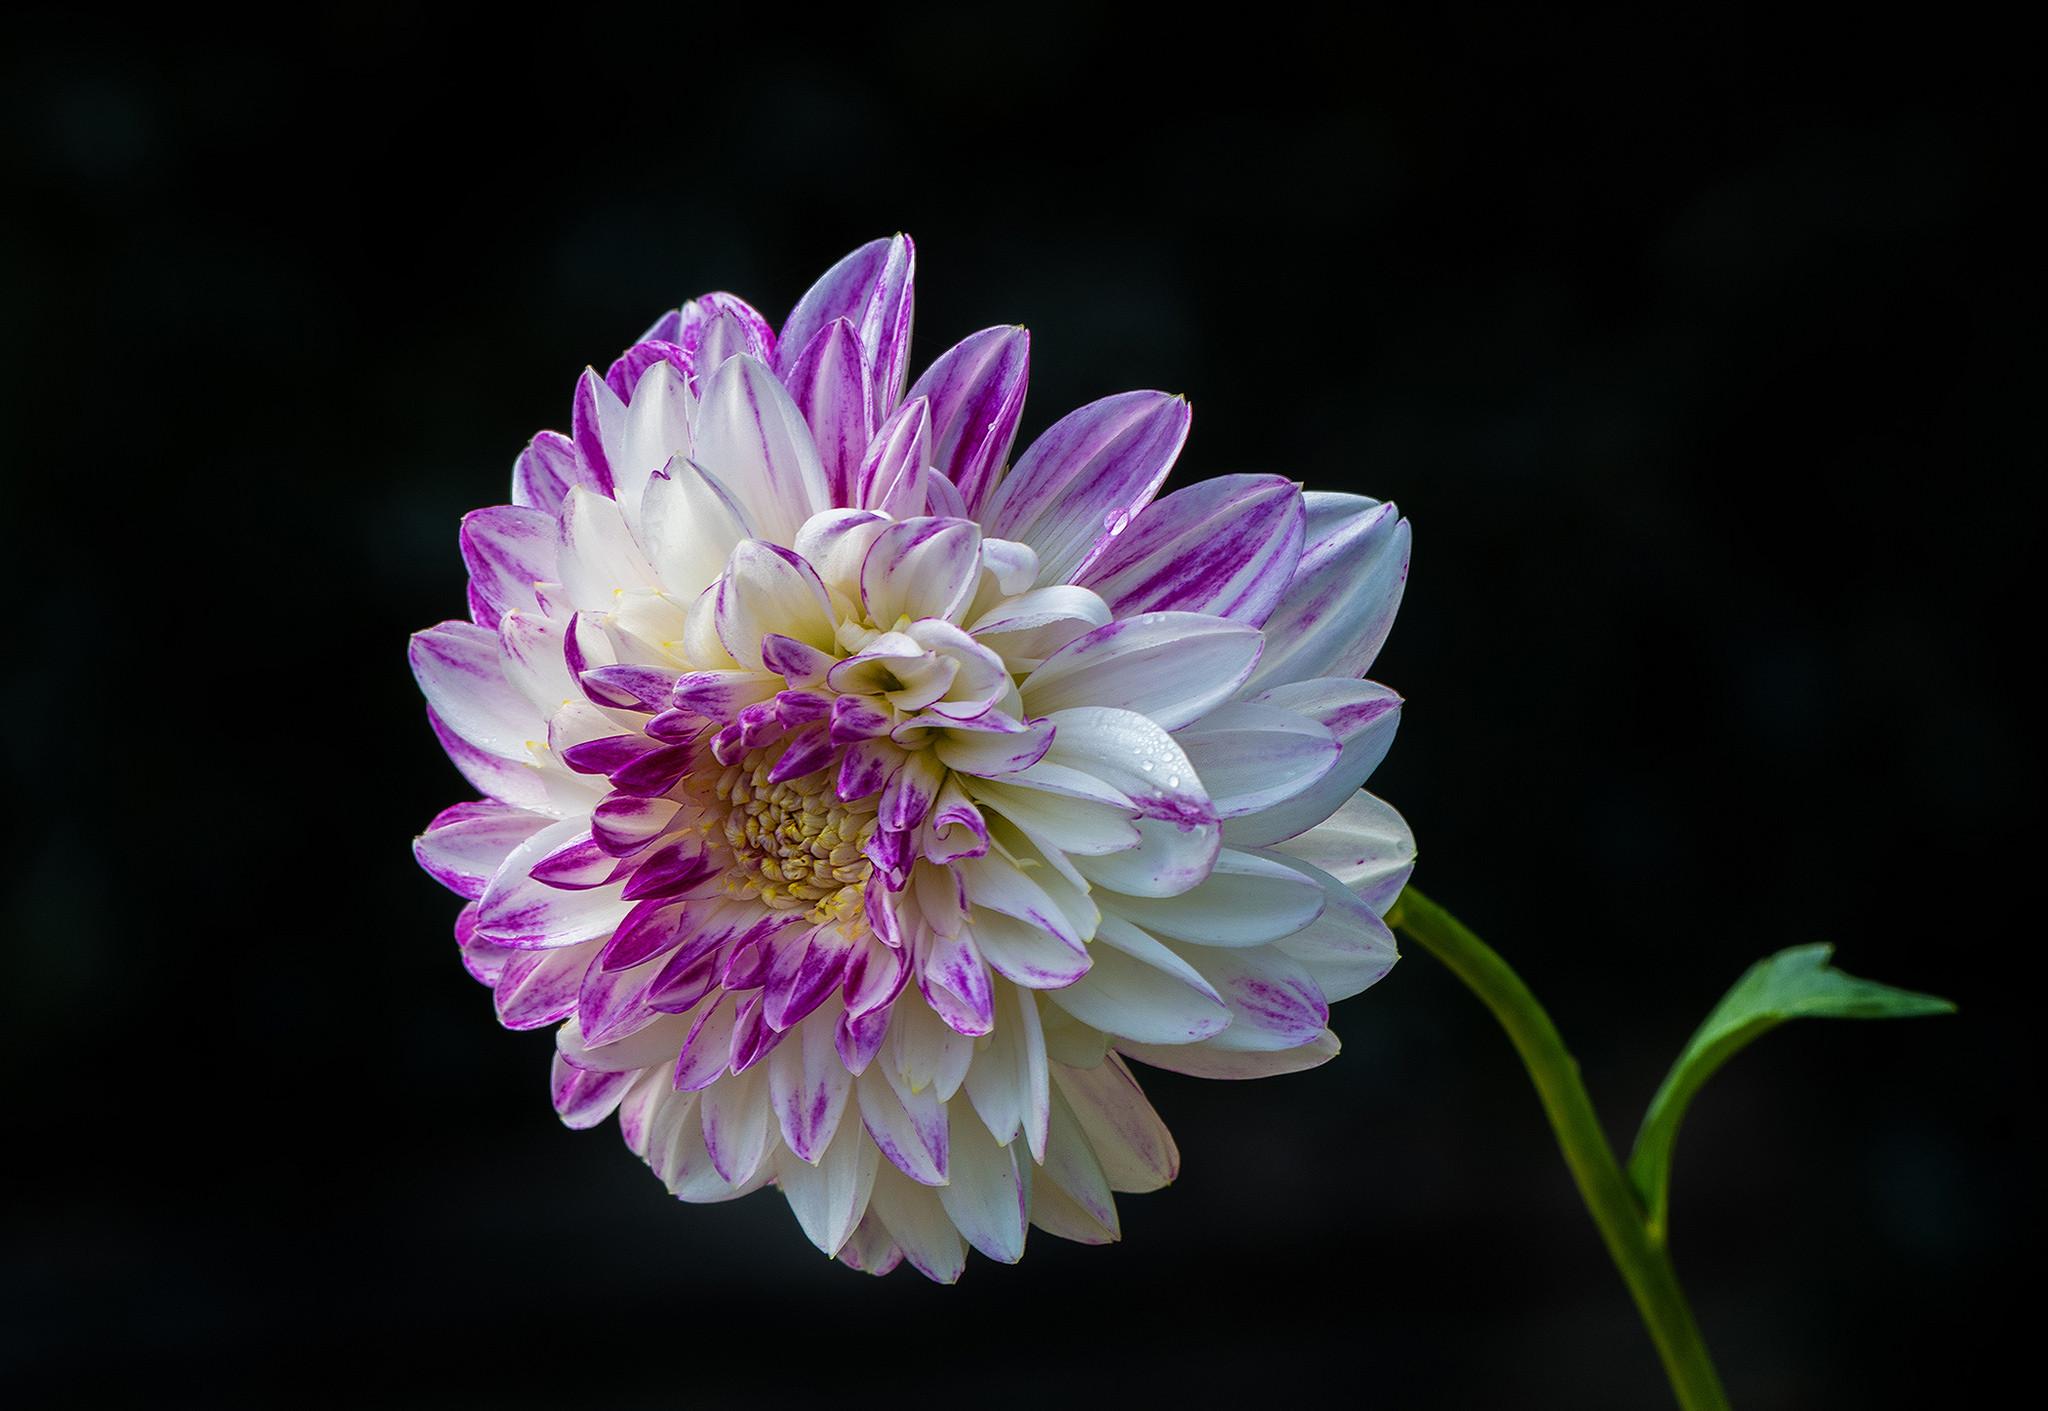 обои георгин, цветок, флора картинки фото